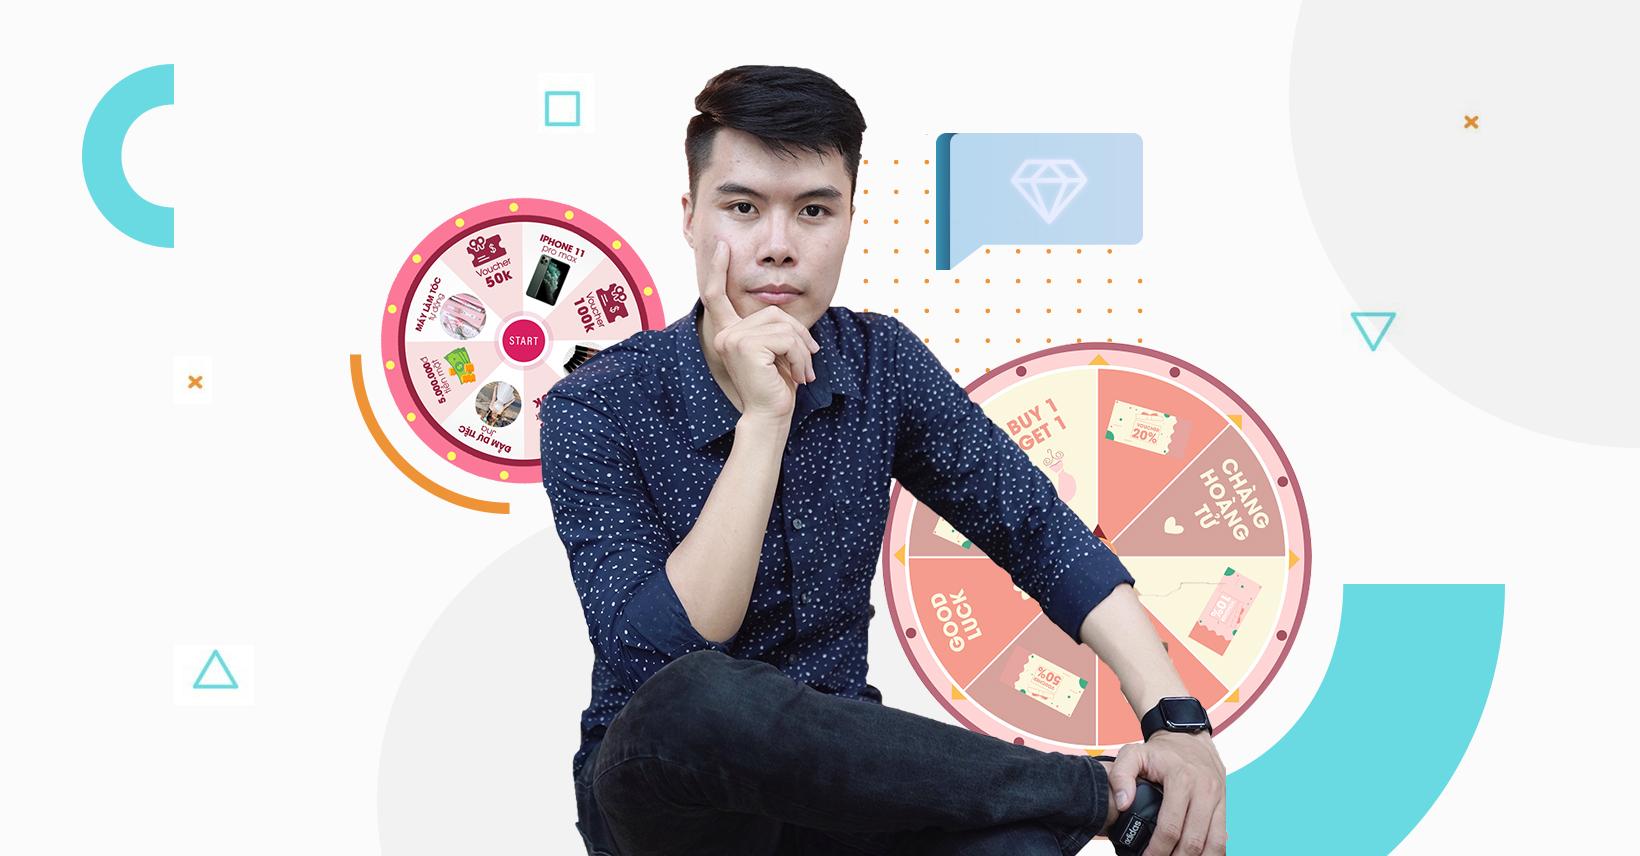 Khóa học hướng dẫn Chatbot Gamification Master - Ứng dụng hệ thống tích hợp Chatbot & Gamification để tăng trưởng X2, X3 doanh số